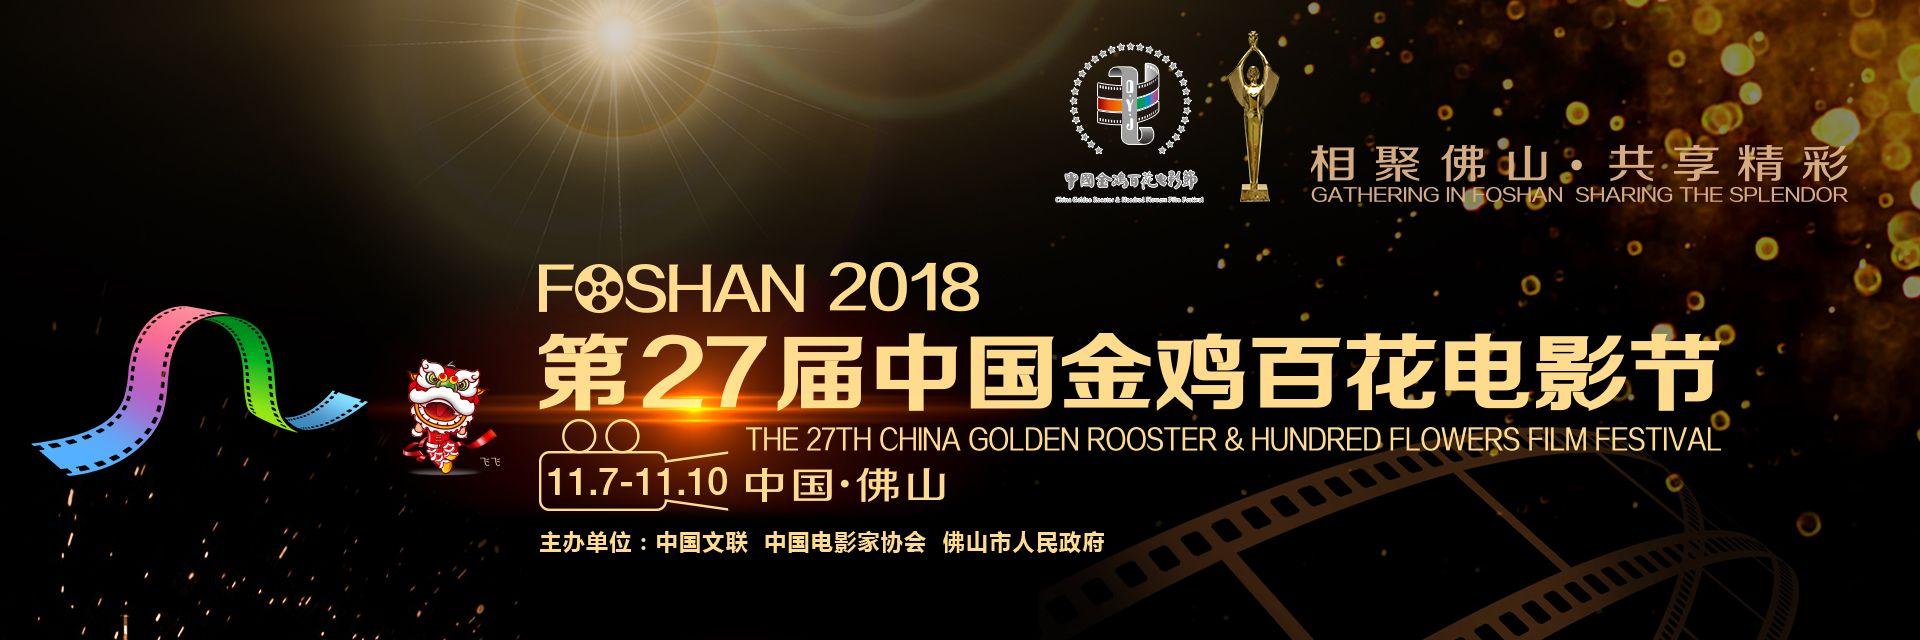 佛山元素亮眼!第27届中国金鸡百花电影节各方反响热烈